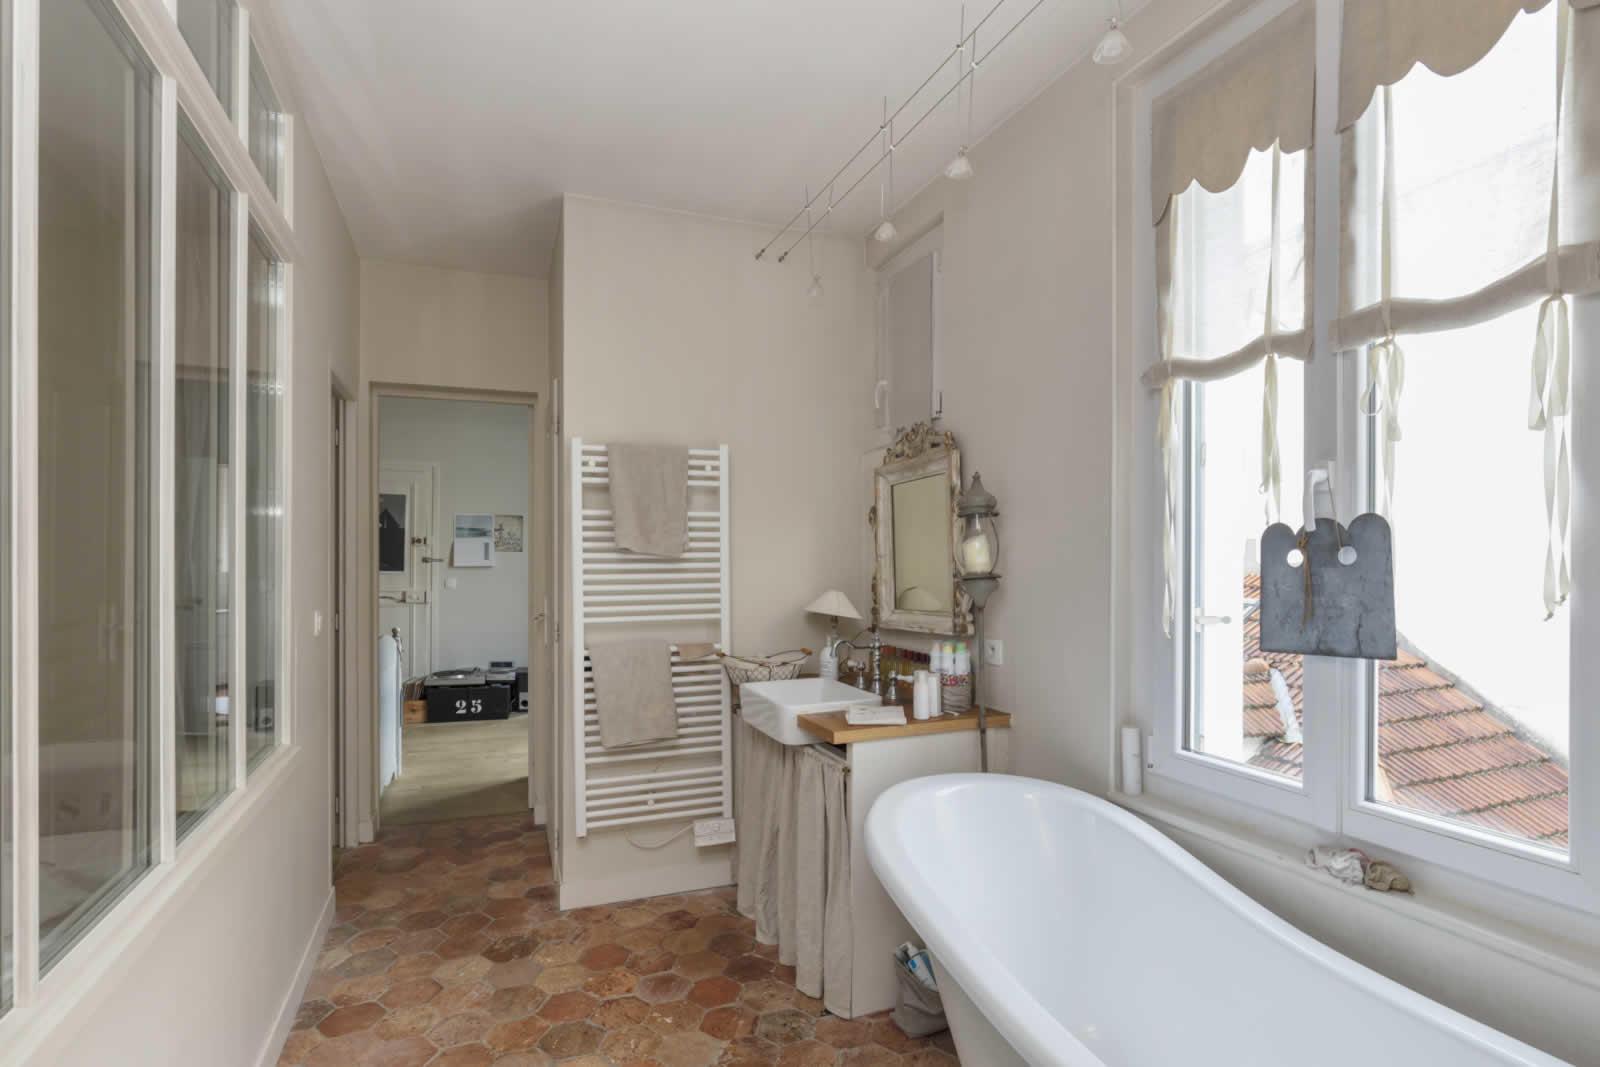 charmant-appartement-familial-a-vendre-parquet-cave-greniers